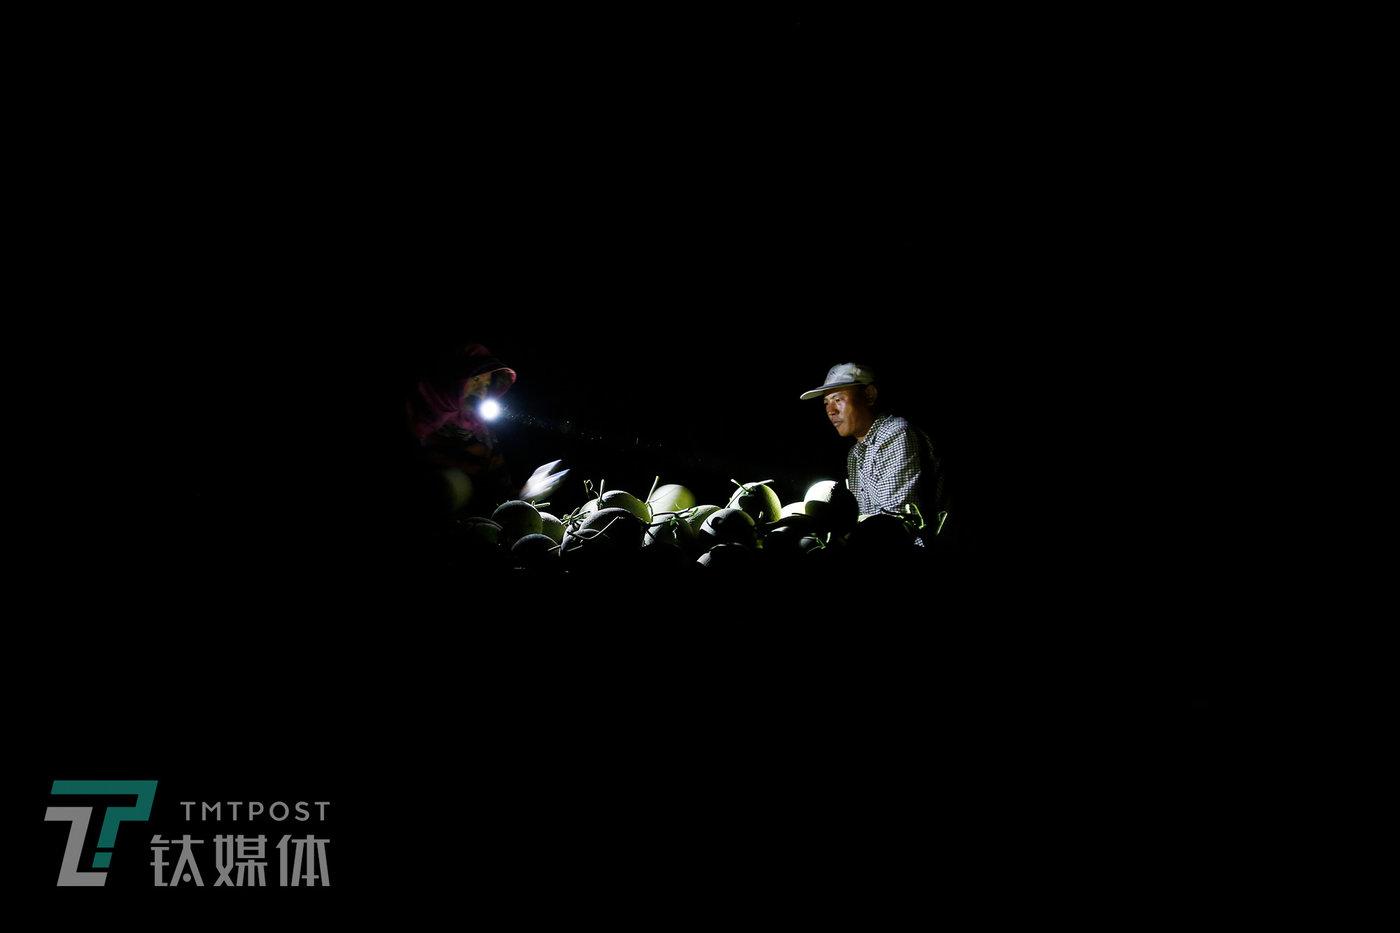 晚上9点半,夫妻俩还在抢时间摘瓜。如果瓜熟了而没被及时采摘,可能很快就会裂开。